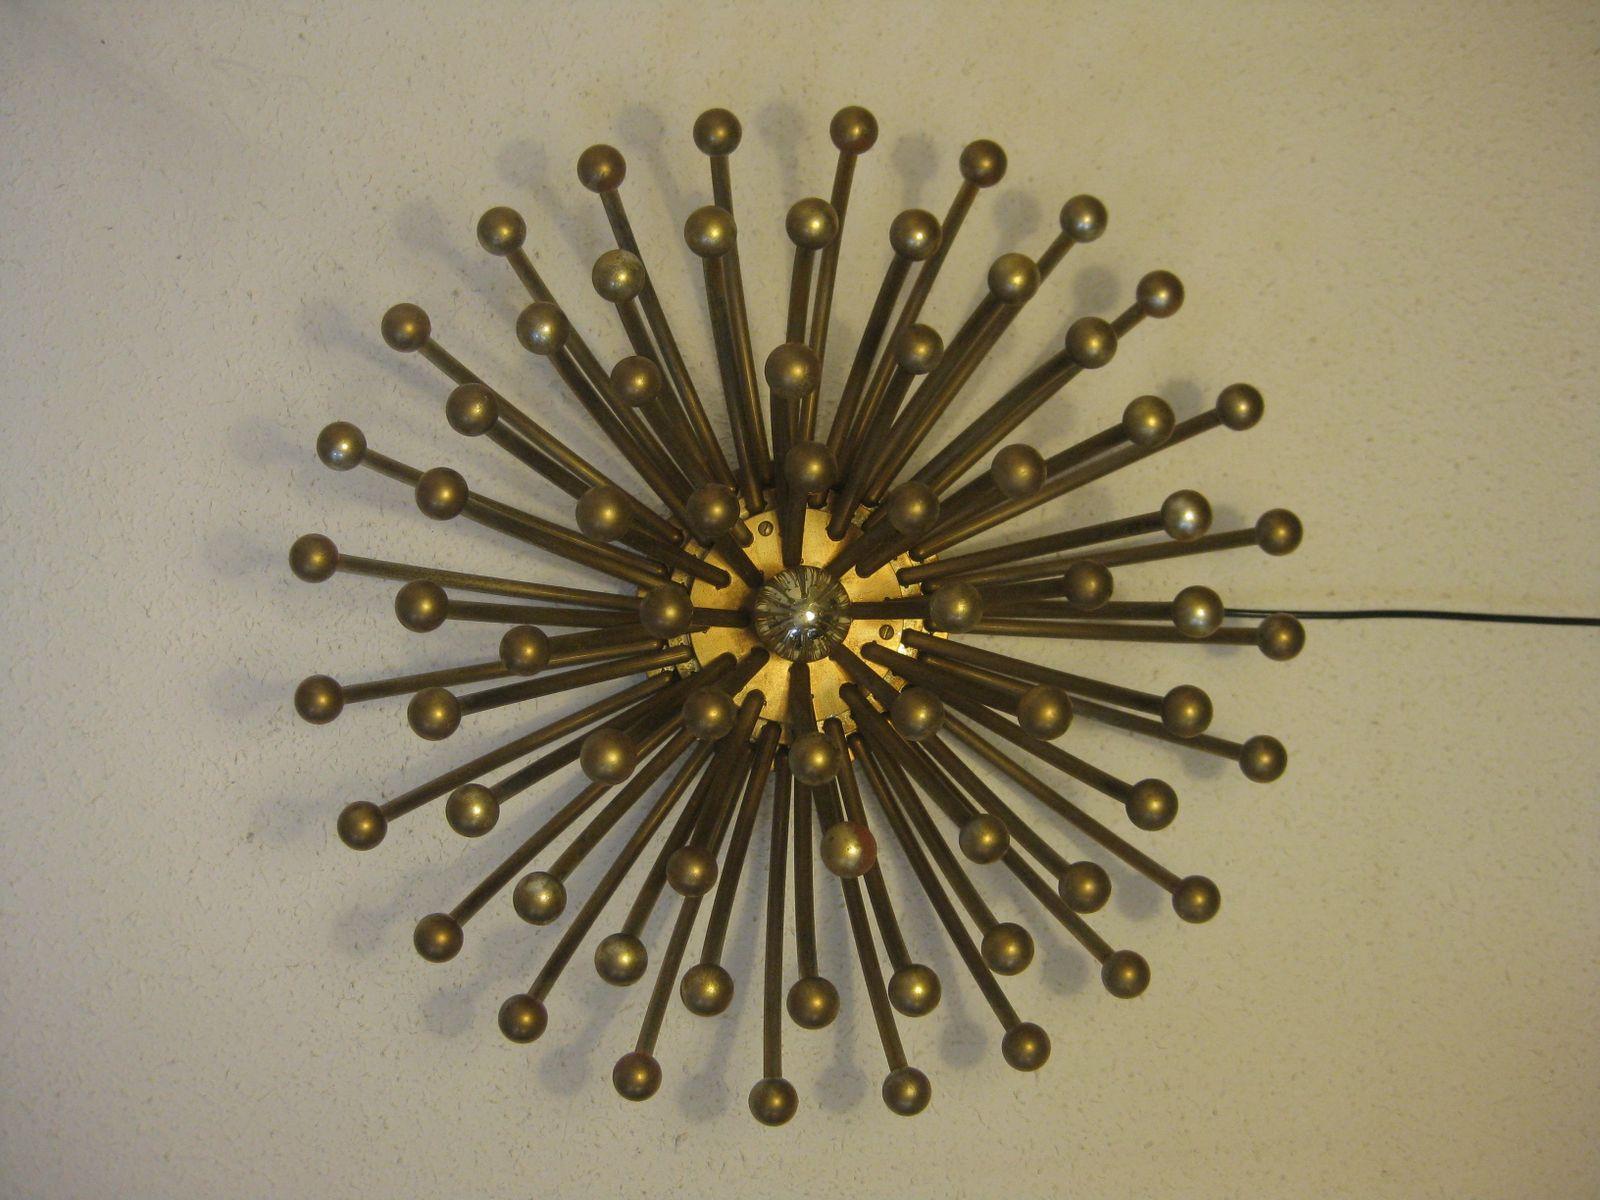 Tischlampe von Studio Tetrach für Valenti Luce, 1969